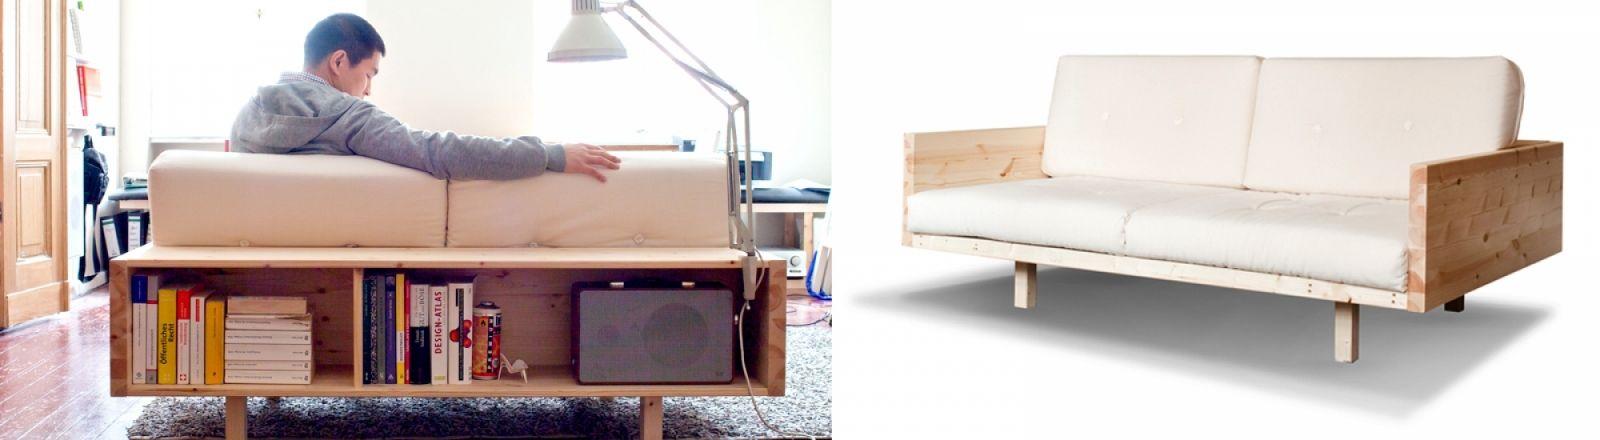 Wonderful SiWo Sofa Oder Draper Couch? Was Hälst Du Von Der Couch? Nice Ideas